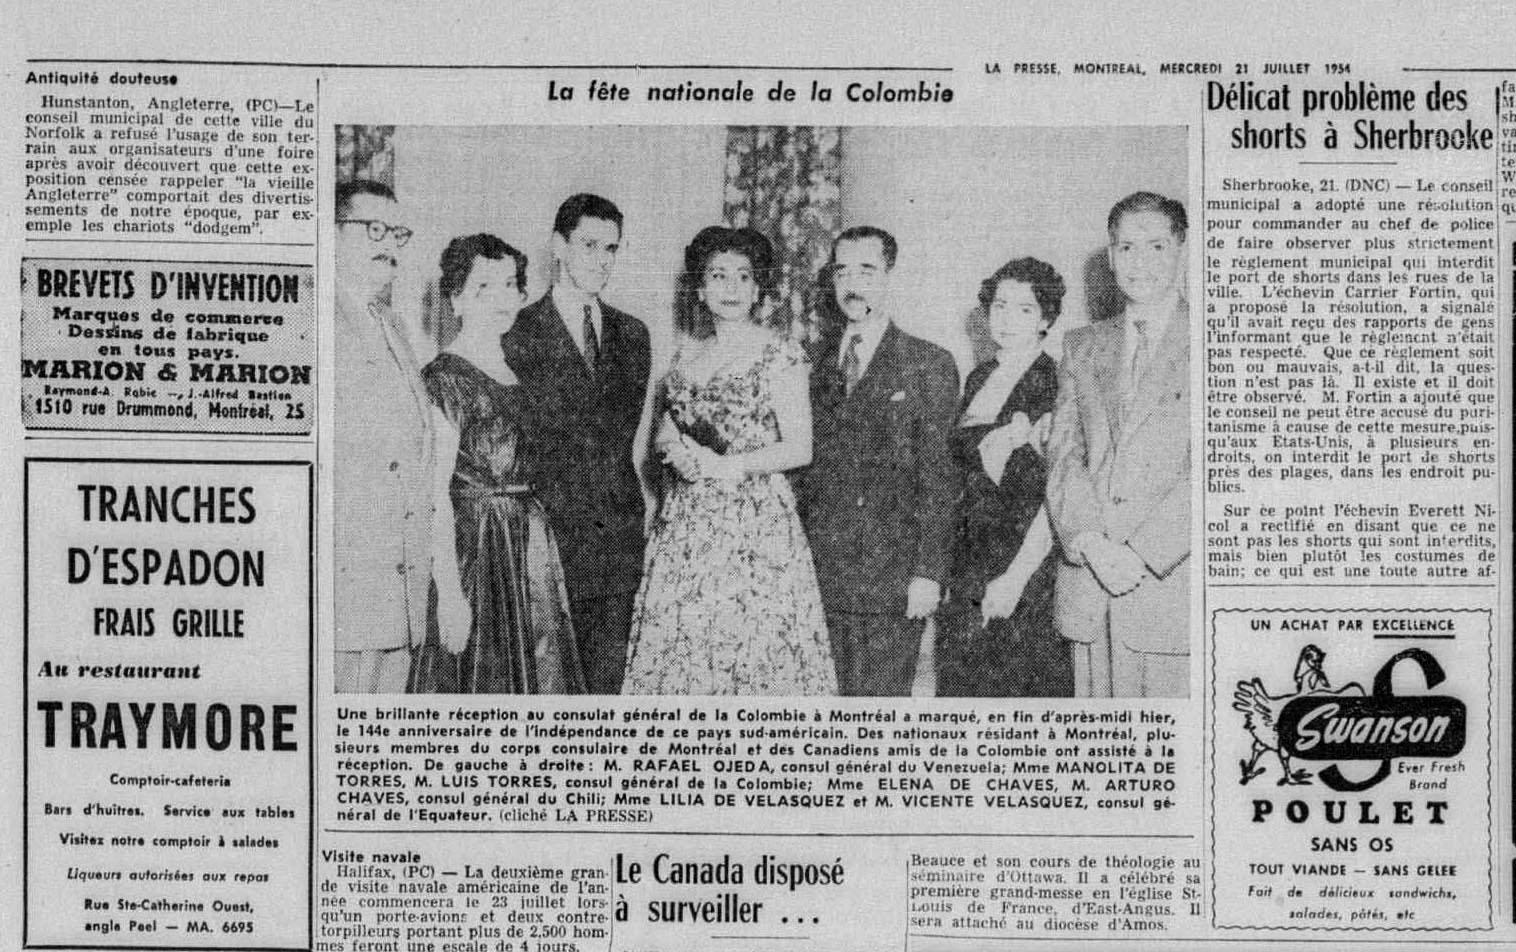 Réception au consulat général de Colombie à Montréal, en 1954, pour souligner le 144e anniversaire de l'indépendance du pays